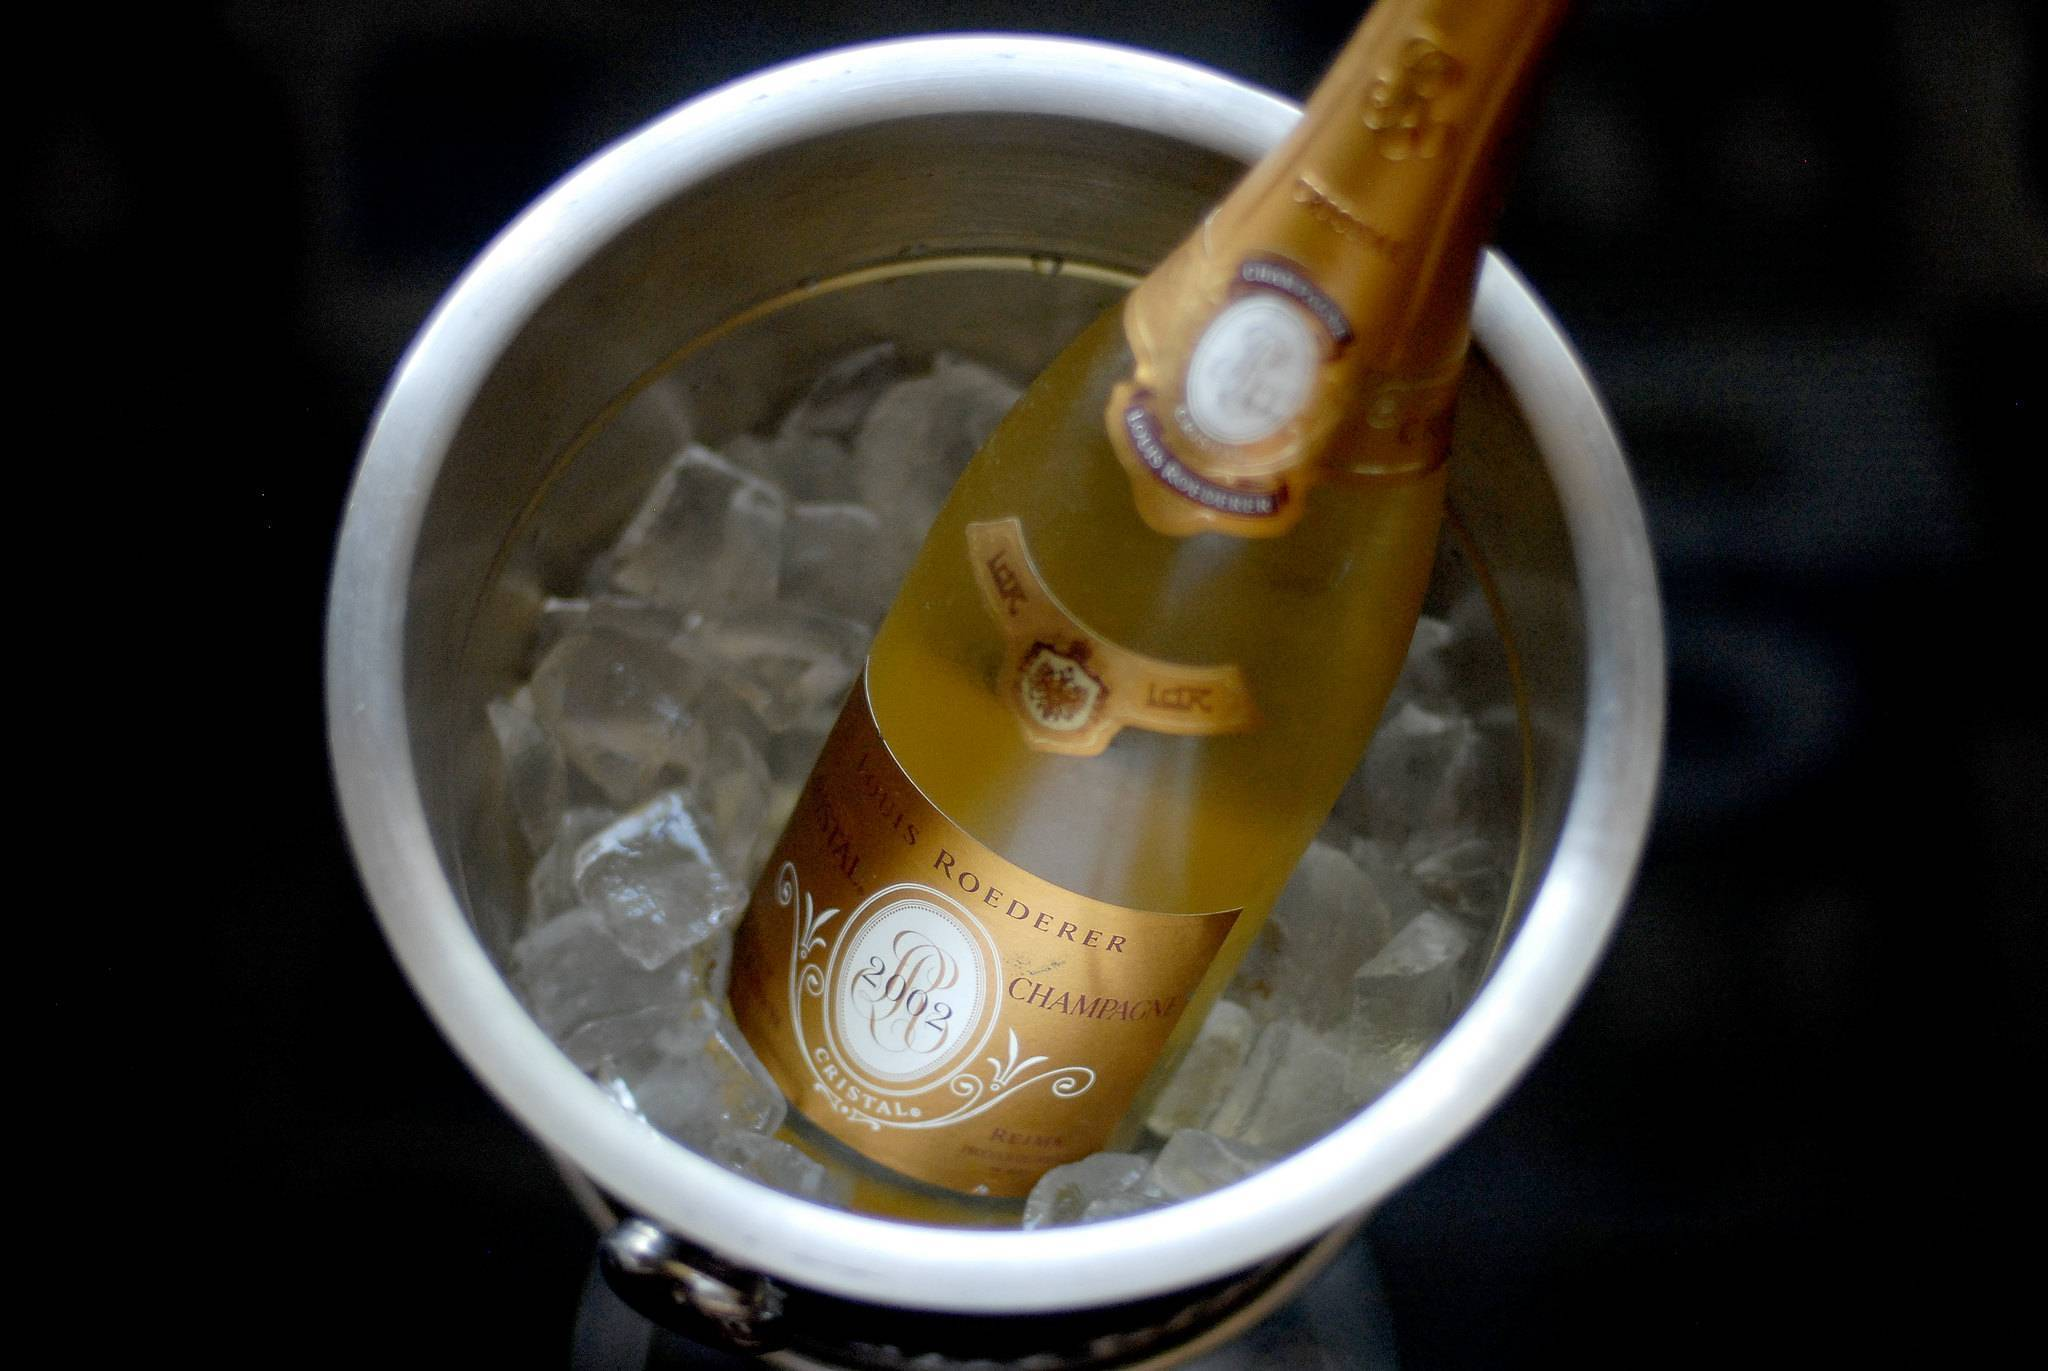 Шампанское кристалл: история и виды напитка, стоимость